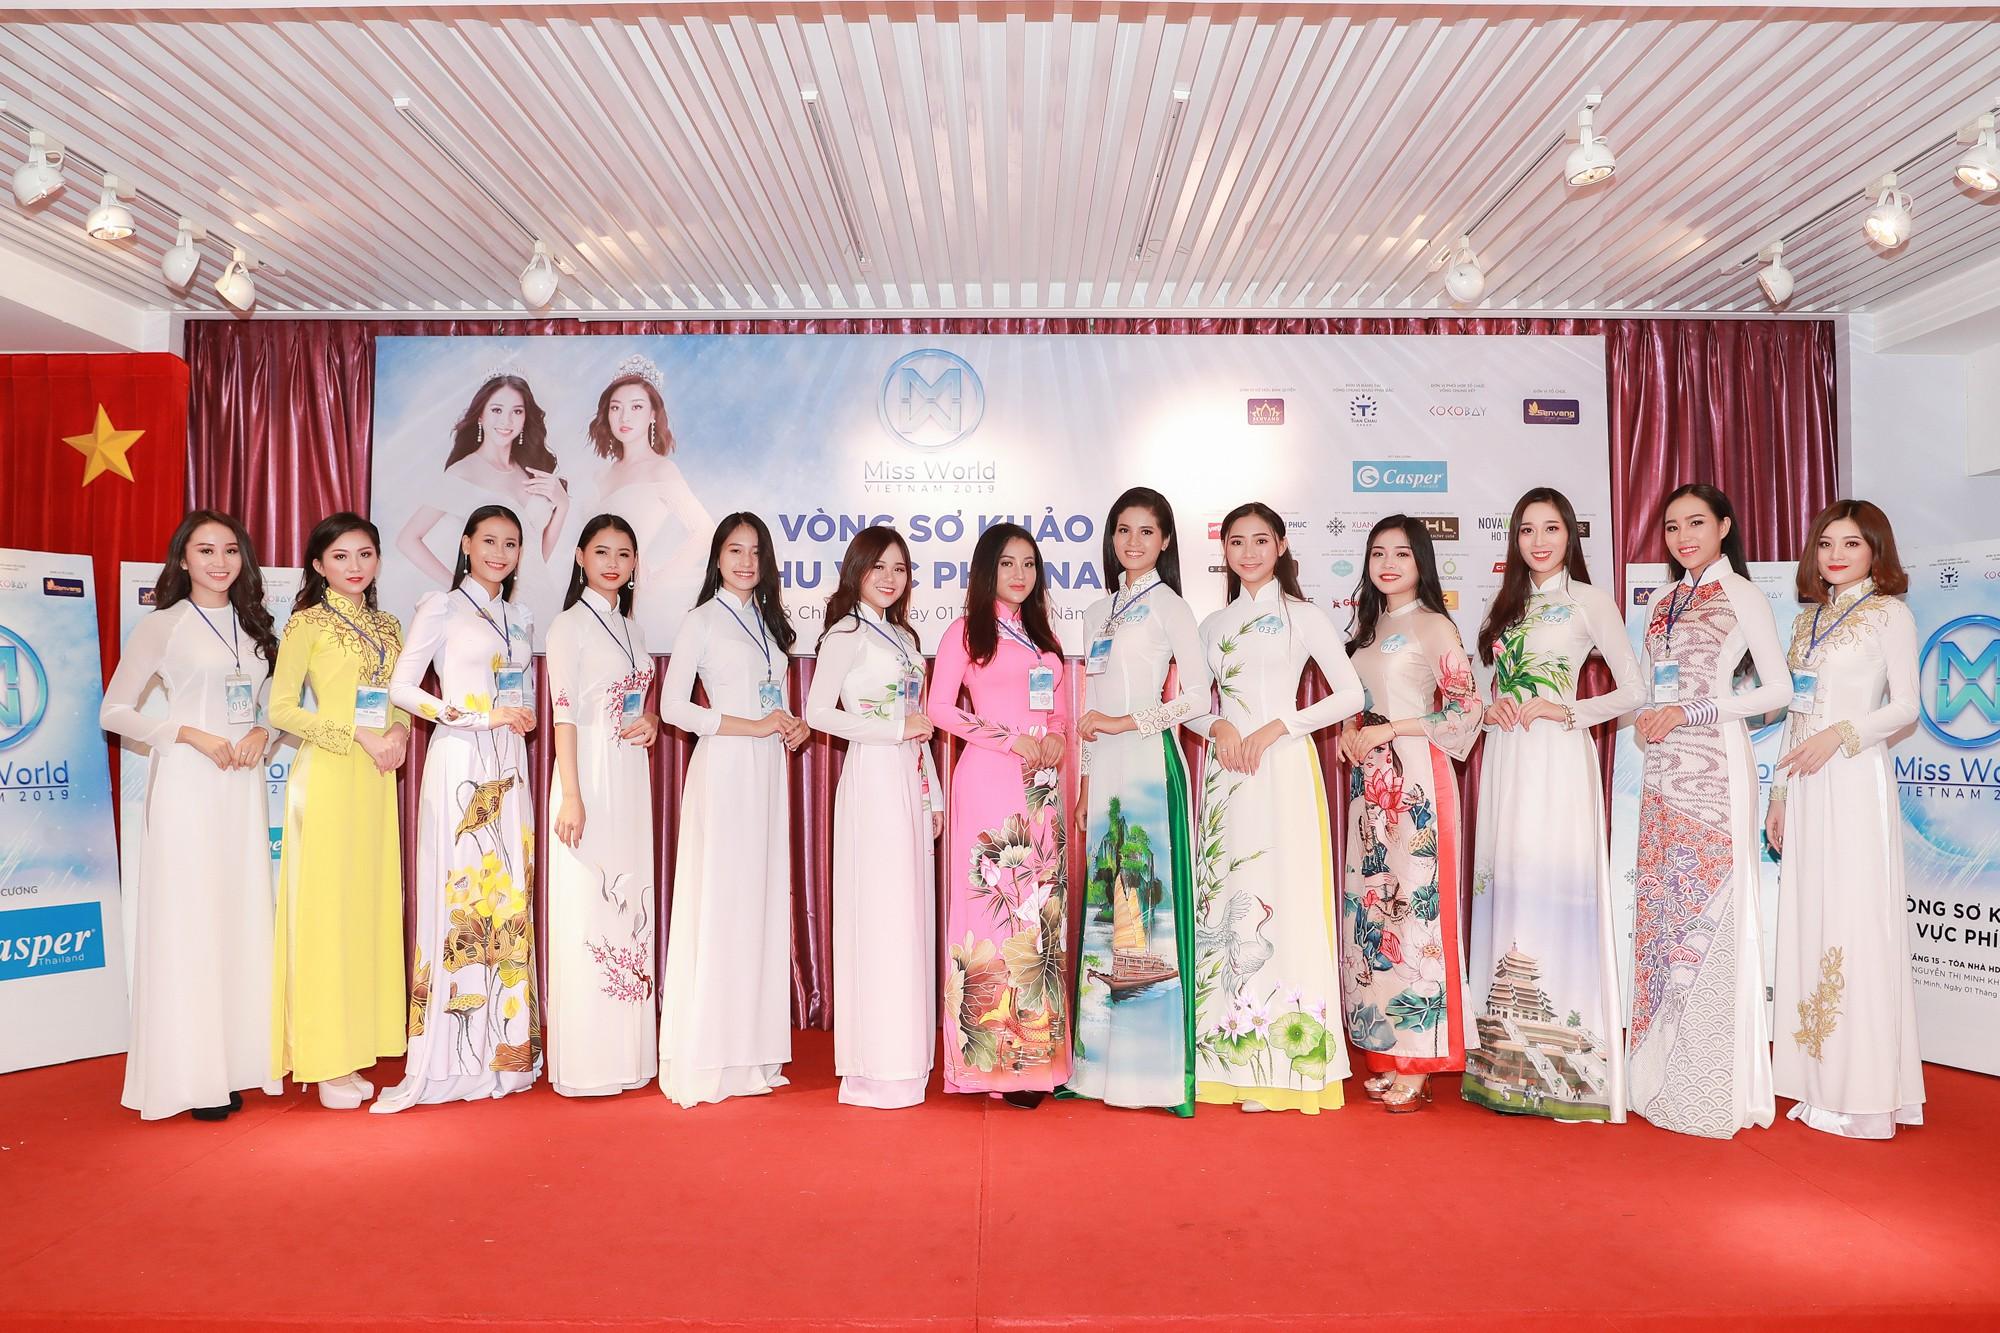 Top 34 thí sinh khu vực phía Nam Hoa hậu Thế giới Việt Nam 2019 chính thức lộ diện  - Ảnh 2.